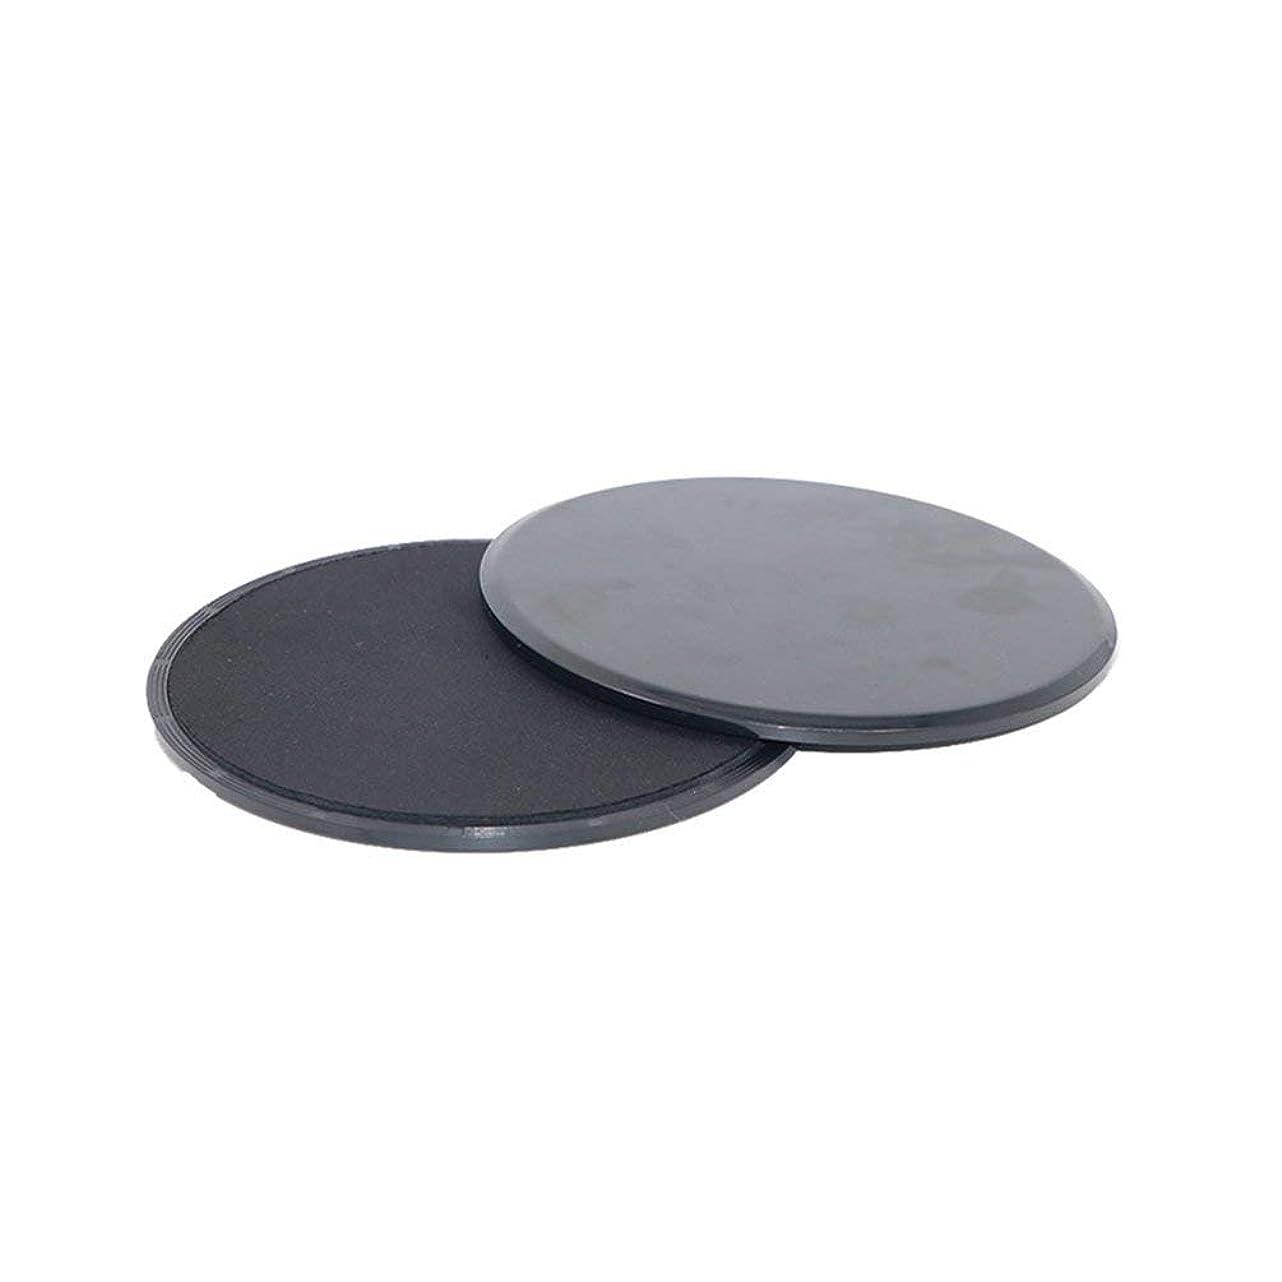 高さ枕社会主義者フィットネススライドグライディングディスク調整能力フィットネスエクササイズスライダーコアトレーニング腹部と全身トレーニング用 - ブラック